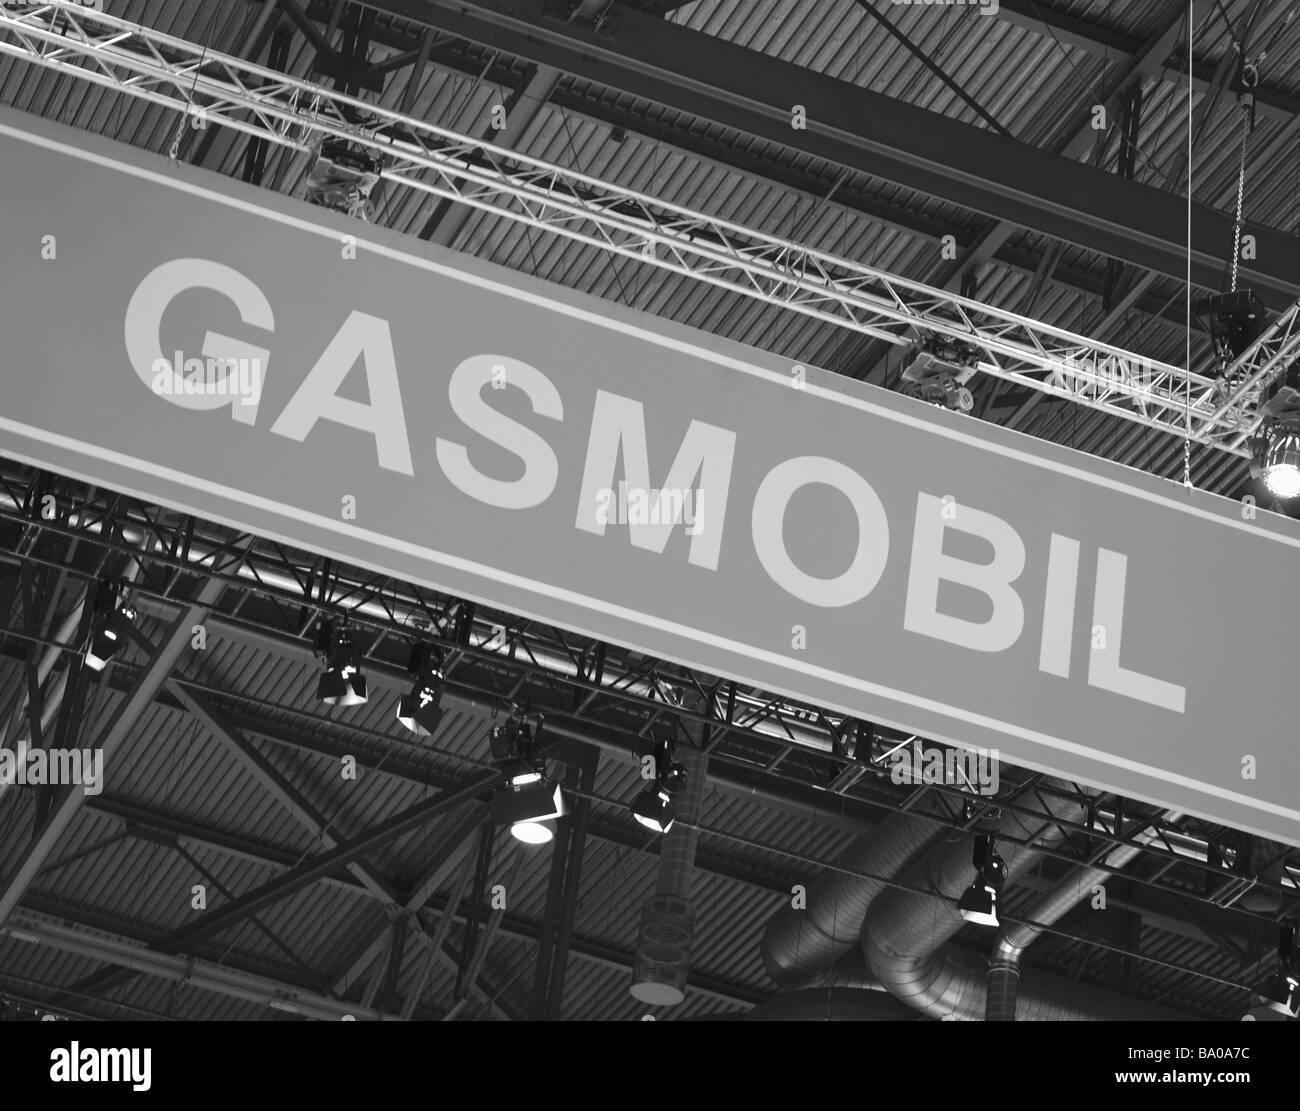 Signage advertising zero emission, hybrid vehicle alternative fuel - Stock Image